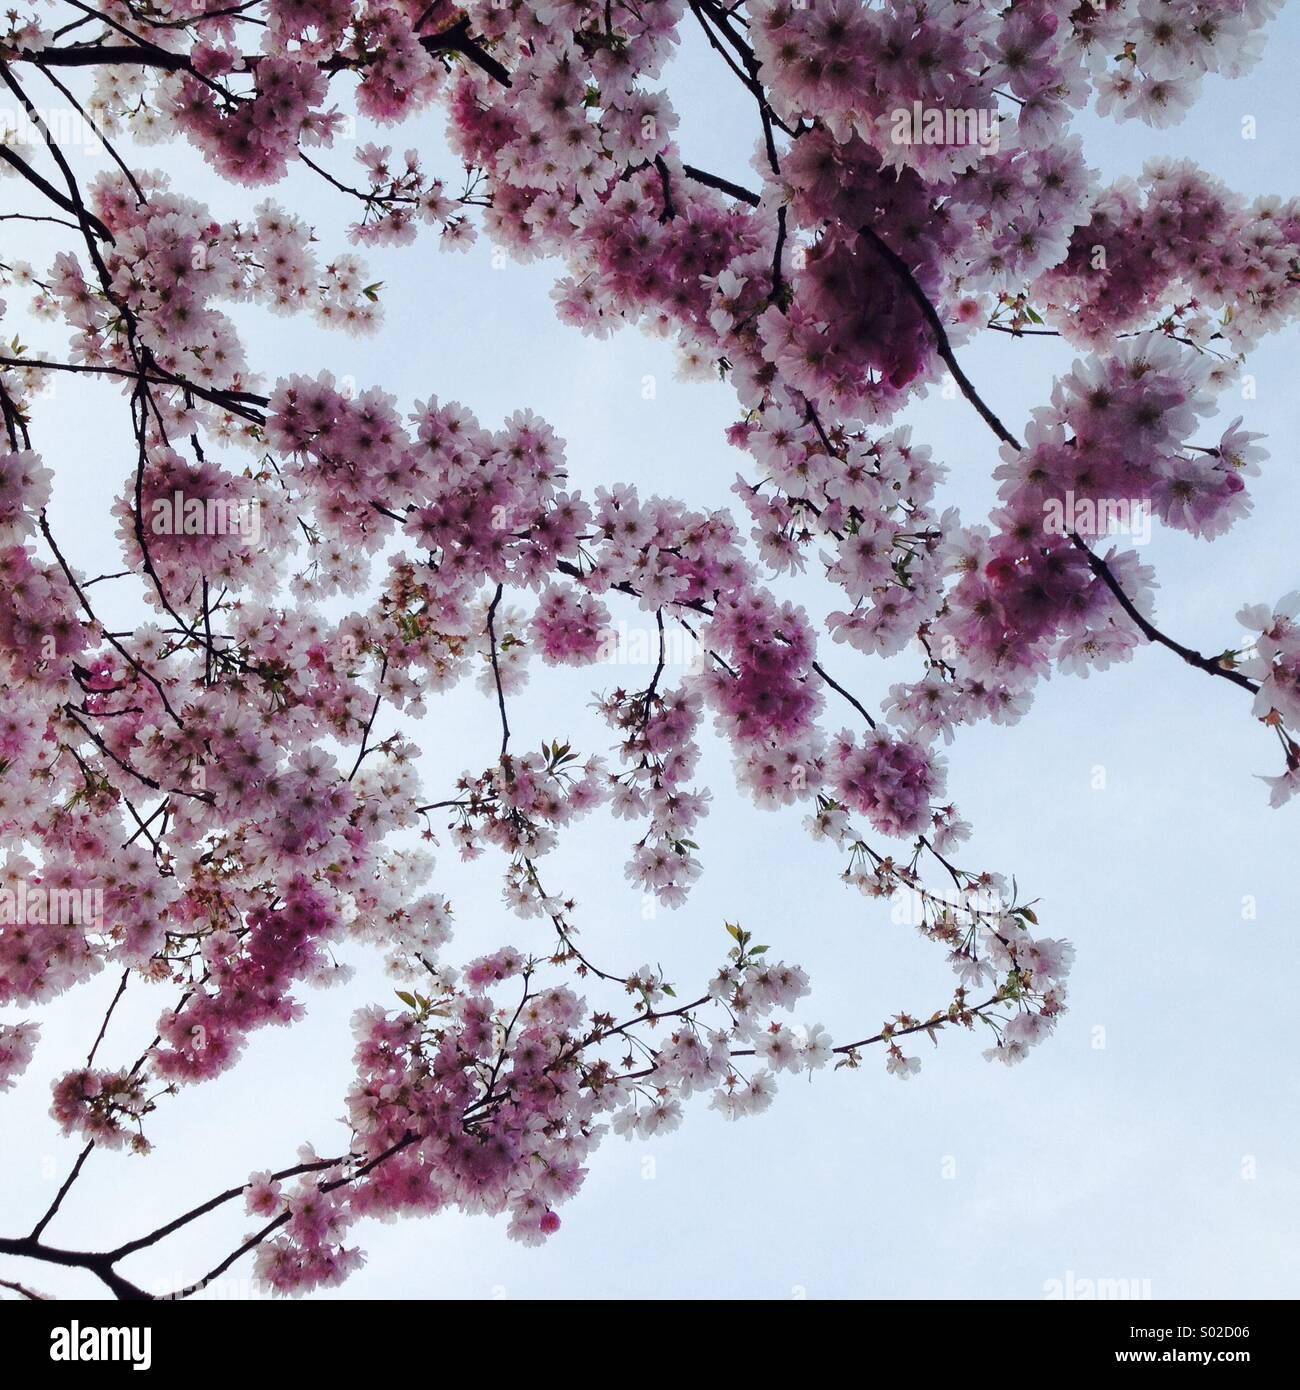 Fiore di Ciliegio Immagini Stock